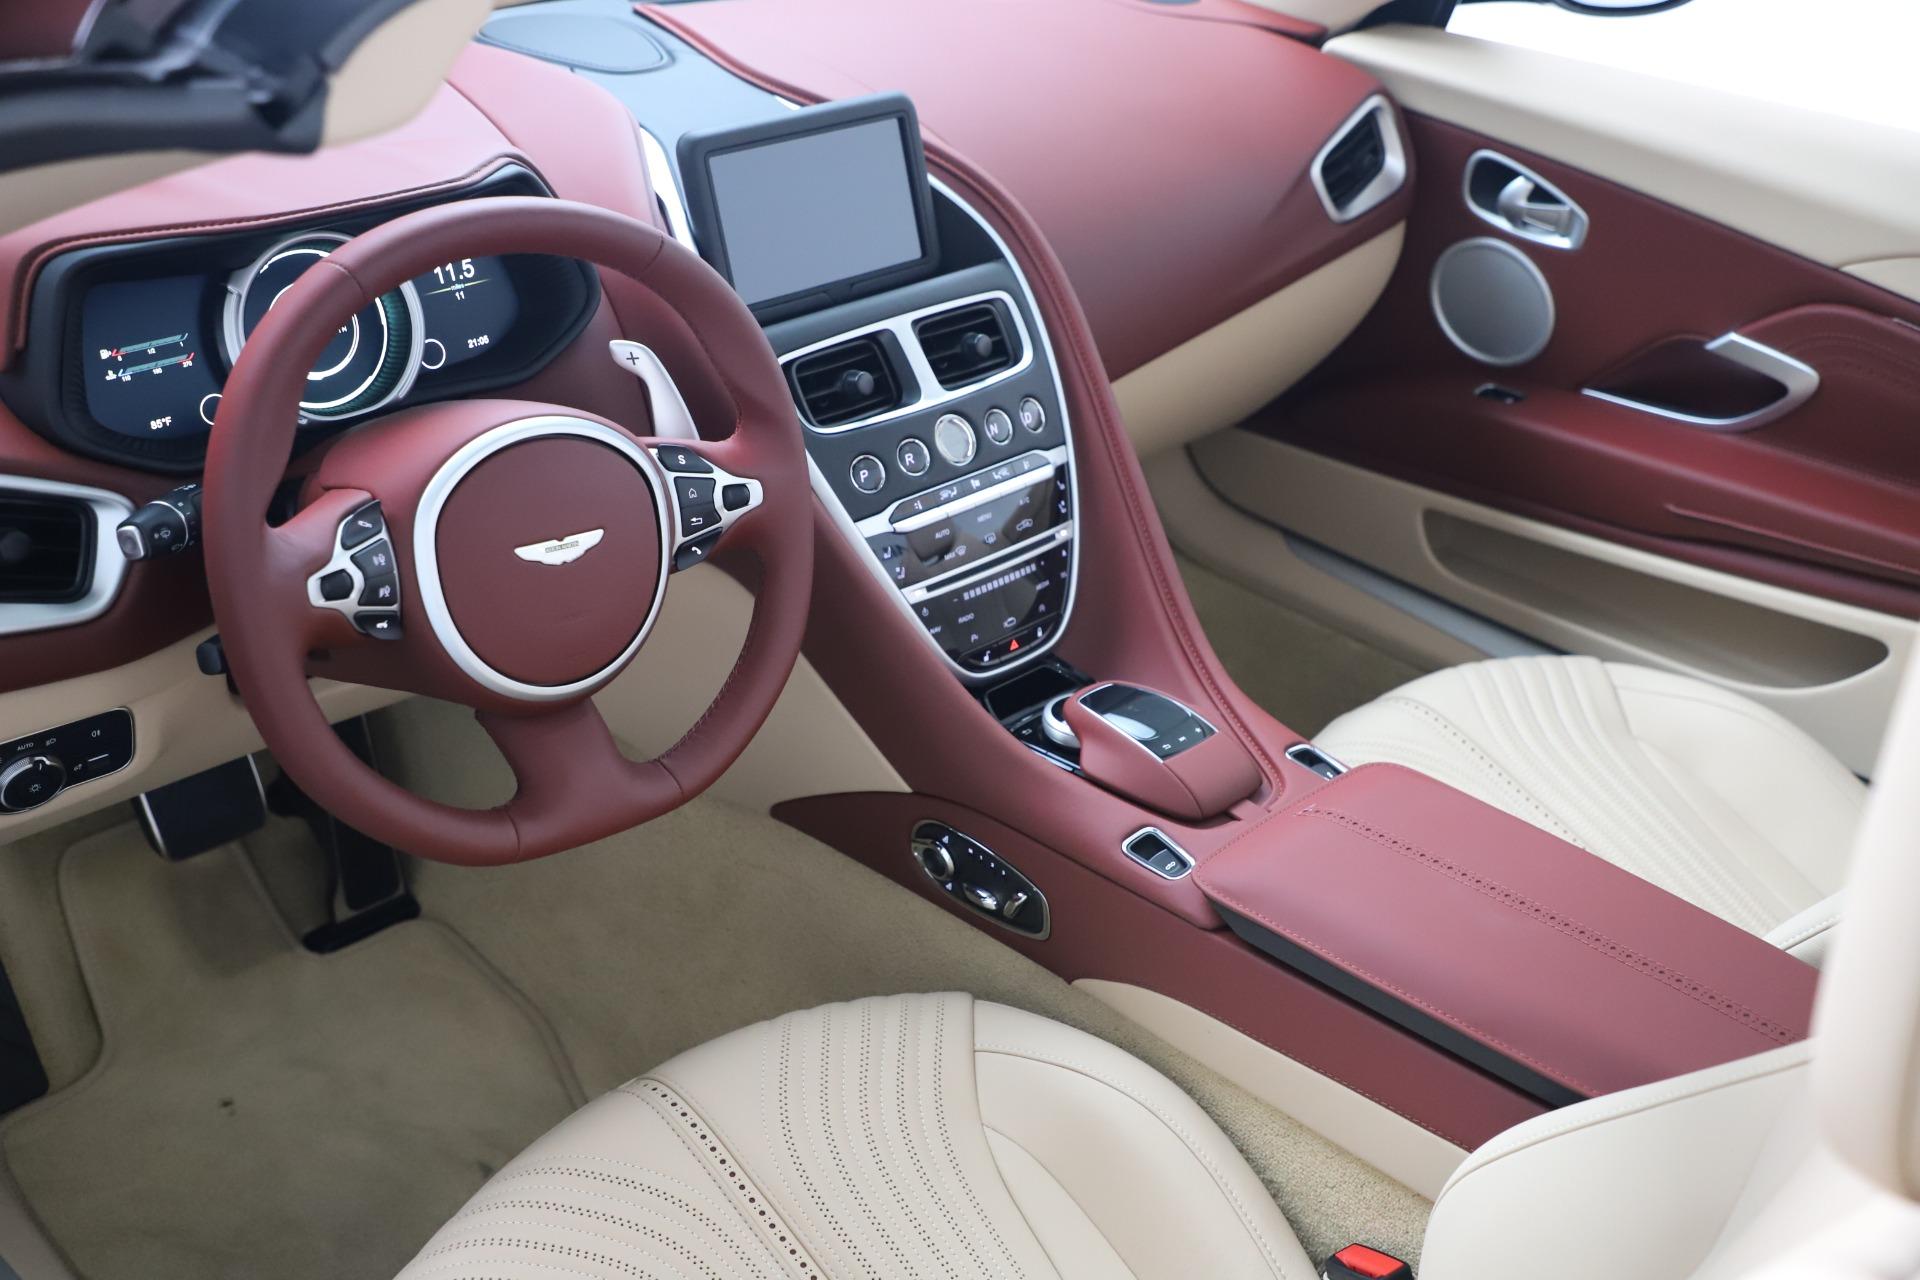 Pre Owned 2020 Aston Martin Db11 Volante Convertible For Sale 217 900 Aston Martin Of Greenwich Stock 7905